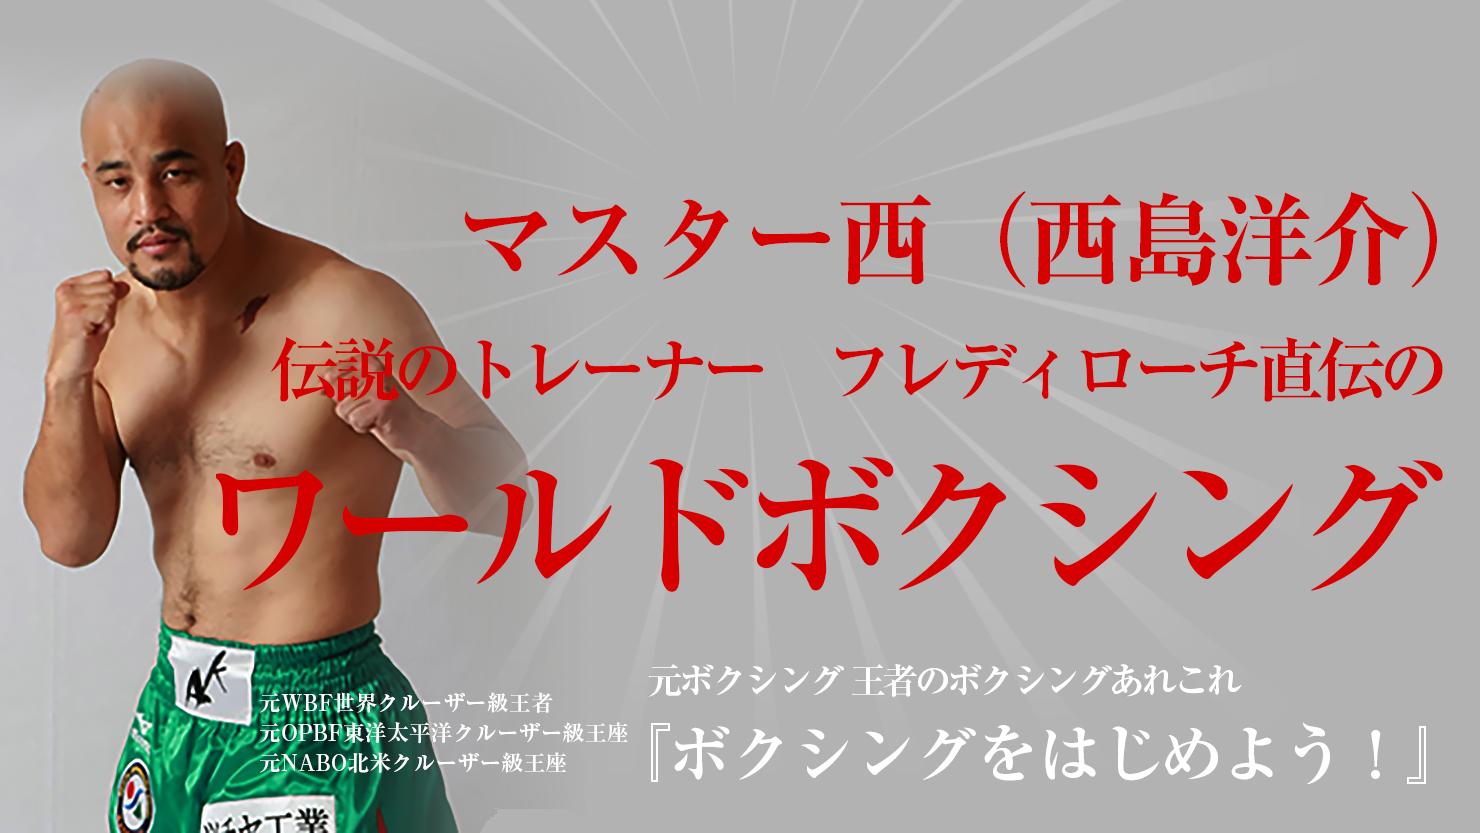 元世界クルーザー級王者の西島洋介「なぜ、あなたは体重差30kg以上の選手たちと戦ったのか?」(近日公開予定)